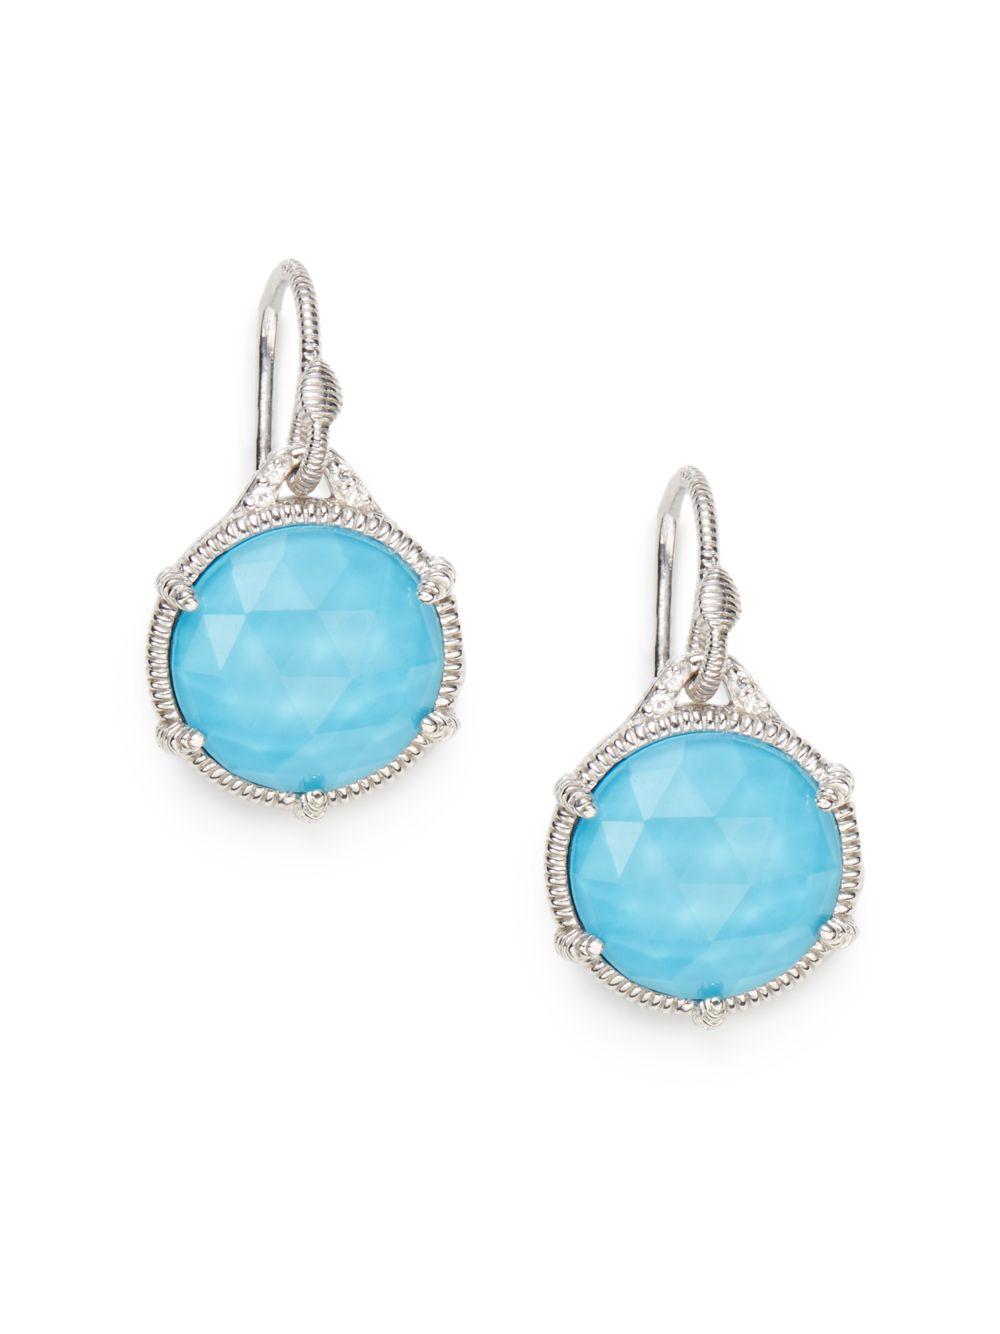 1cf22c6c6 Judith Ripka Eclipse Doublet Drop Earrings in Blue - Lyst